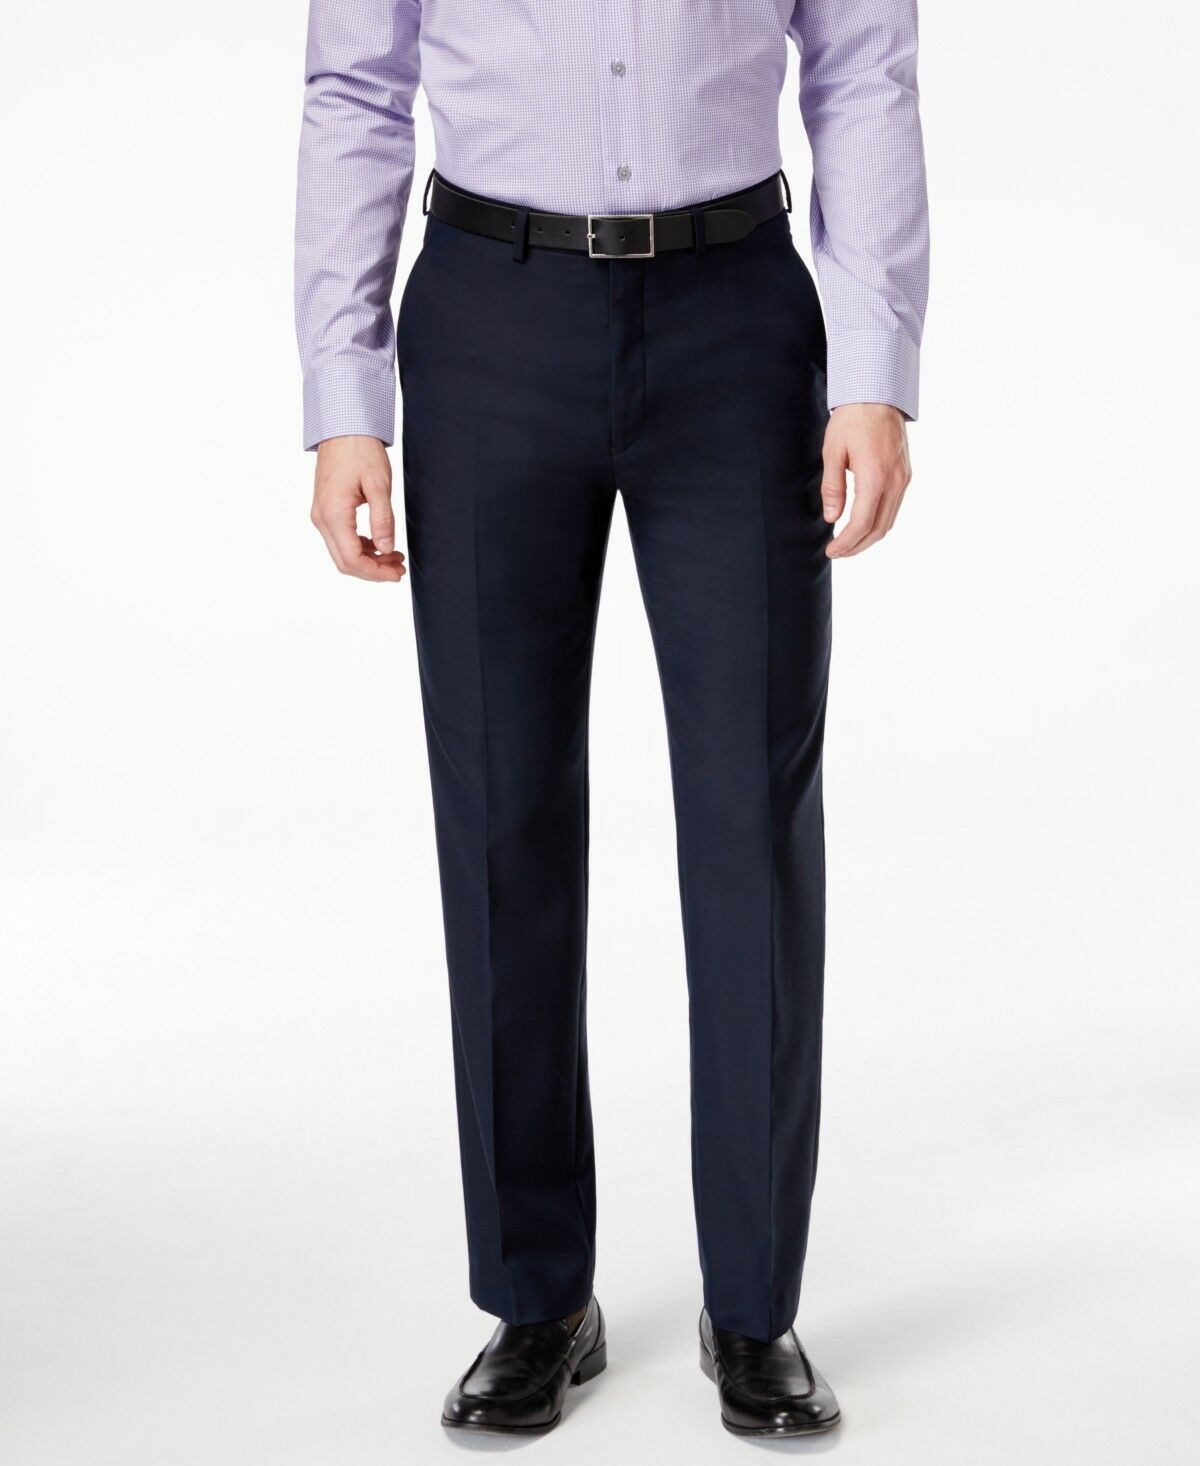 RYAN SEACREST Men blueE MODERN FIT SUIT WOOL DRESS TROUSERS PANTS 34 W 32 L